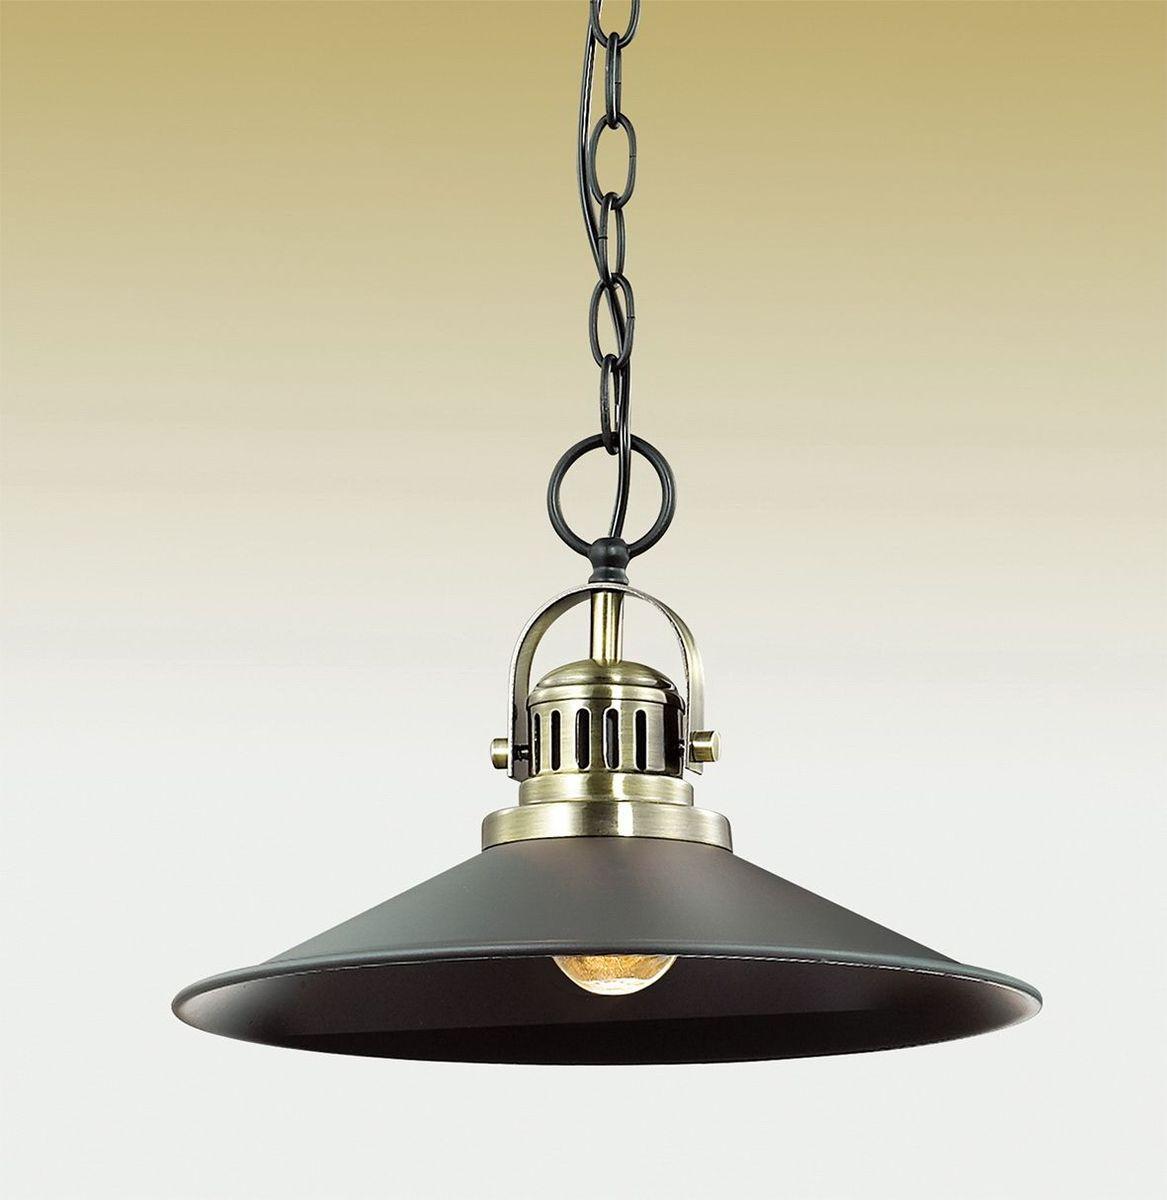 Светильник подвесной Odeon Light Latura, 1 х E27, 60W. 2898/1A2898/1A